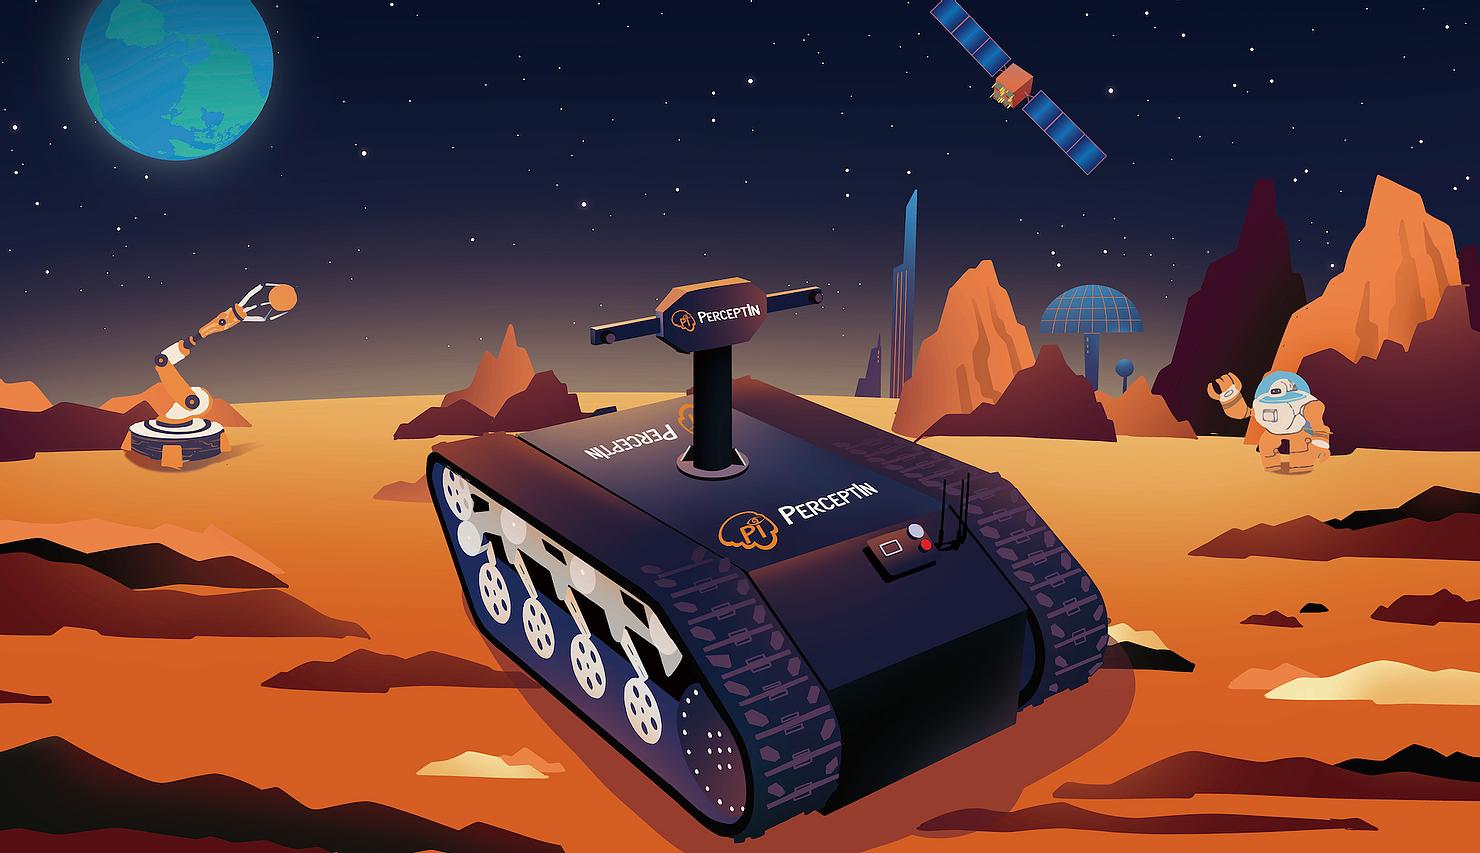 Αυτόνομα robots θα αναλάβουν ρόλο στη διαστημική εξερεύνηση